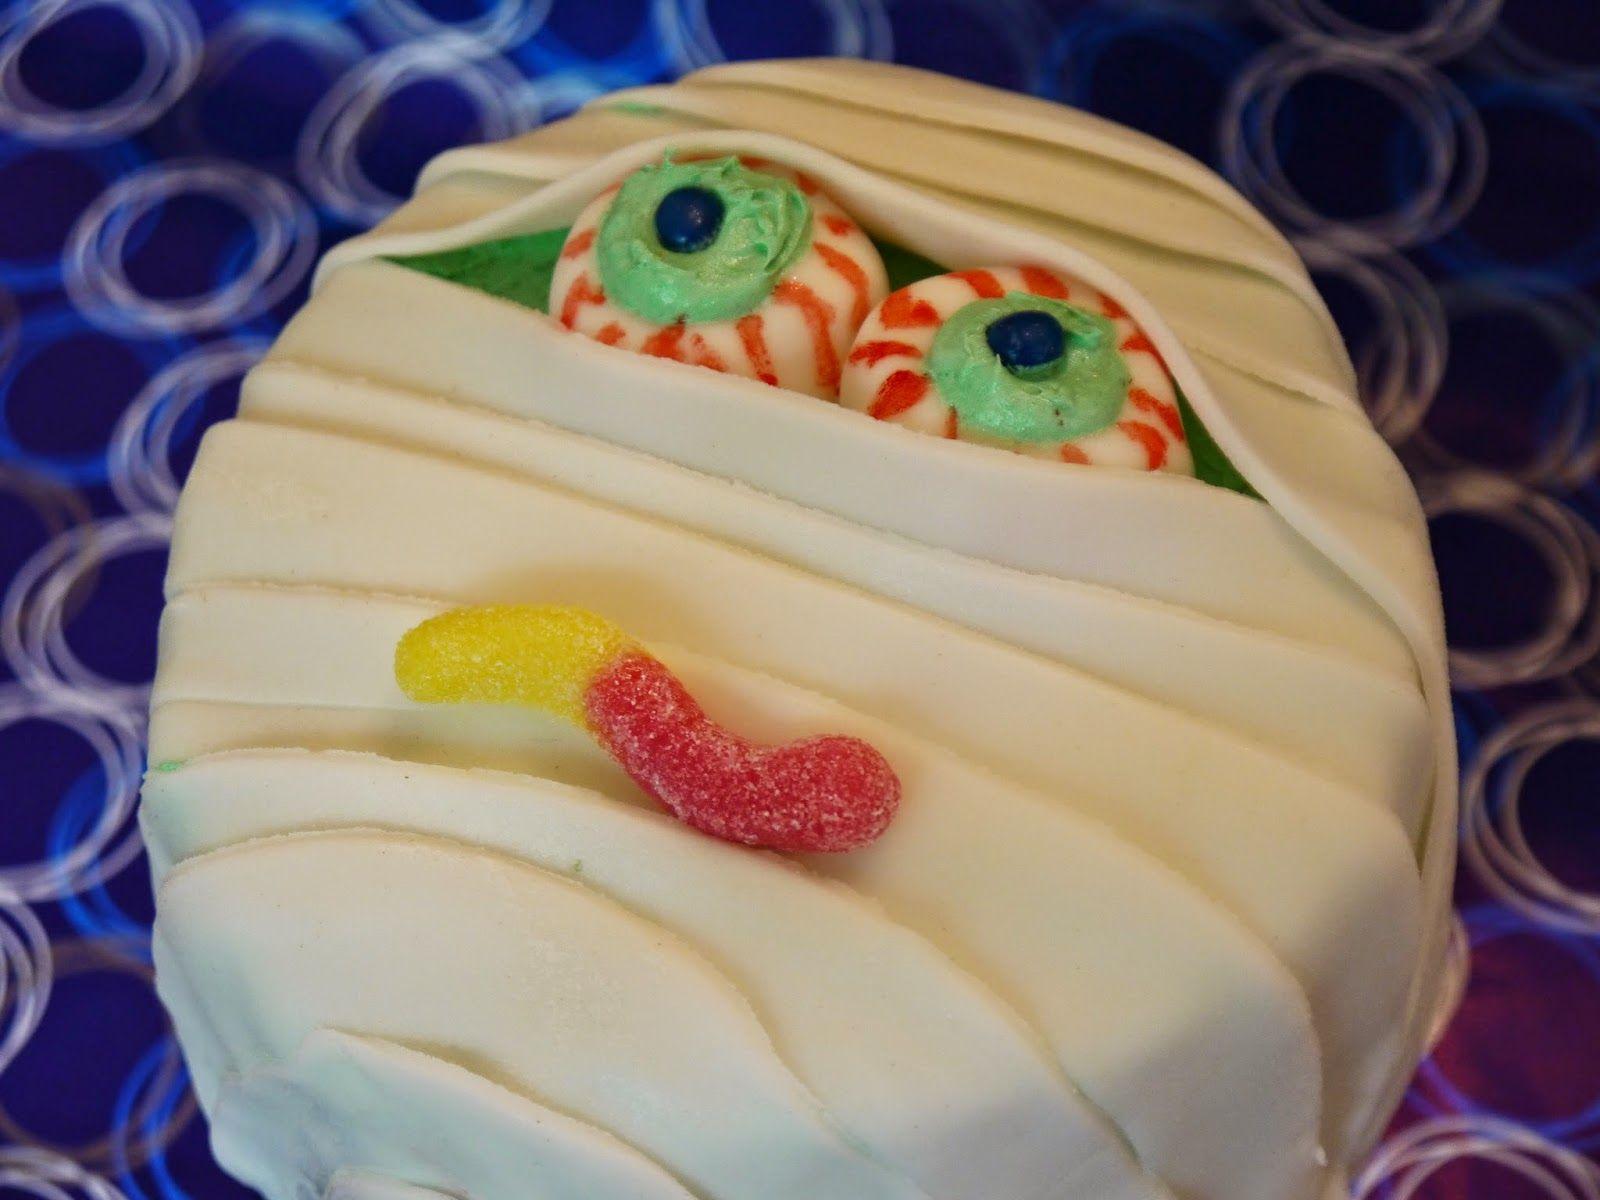 MsFunnyHome: Windbeutel-Torte für Halloween